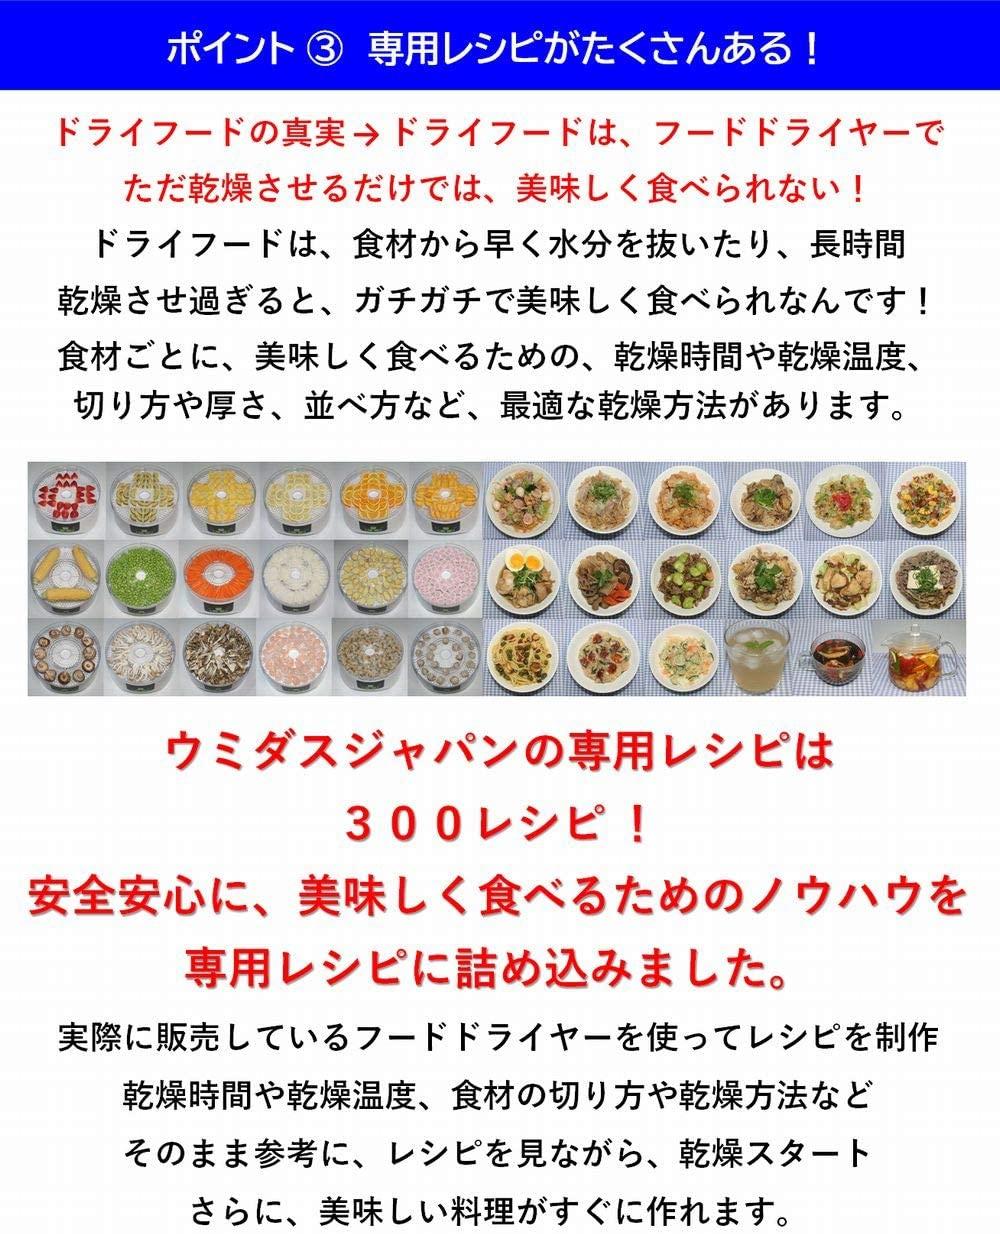 ウミダスジャパン食品乾燥機 フードドライヤー FD880Eの商品画像5